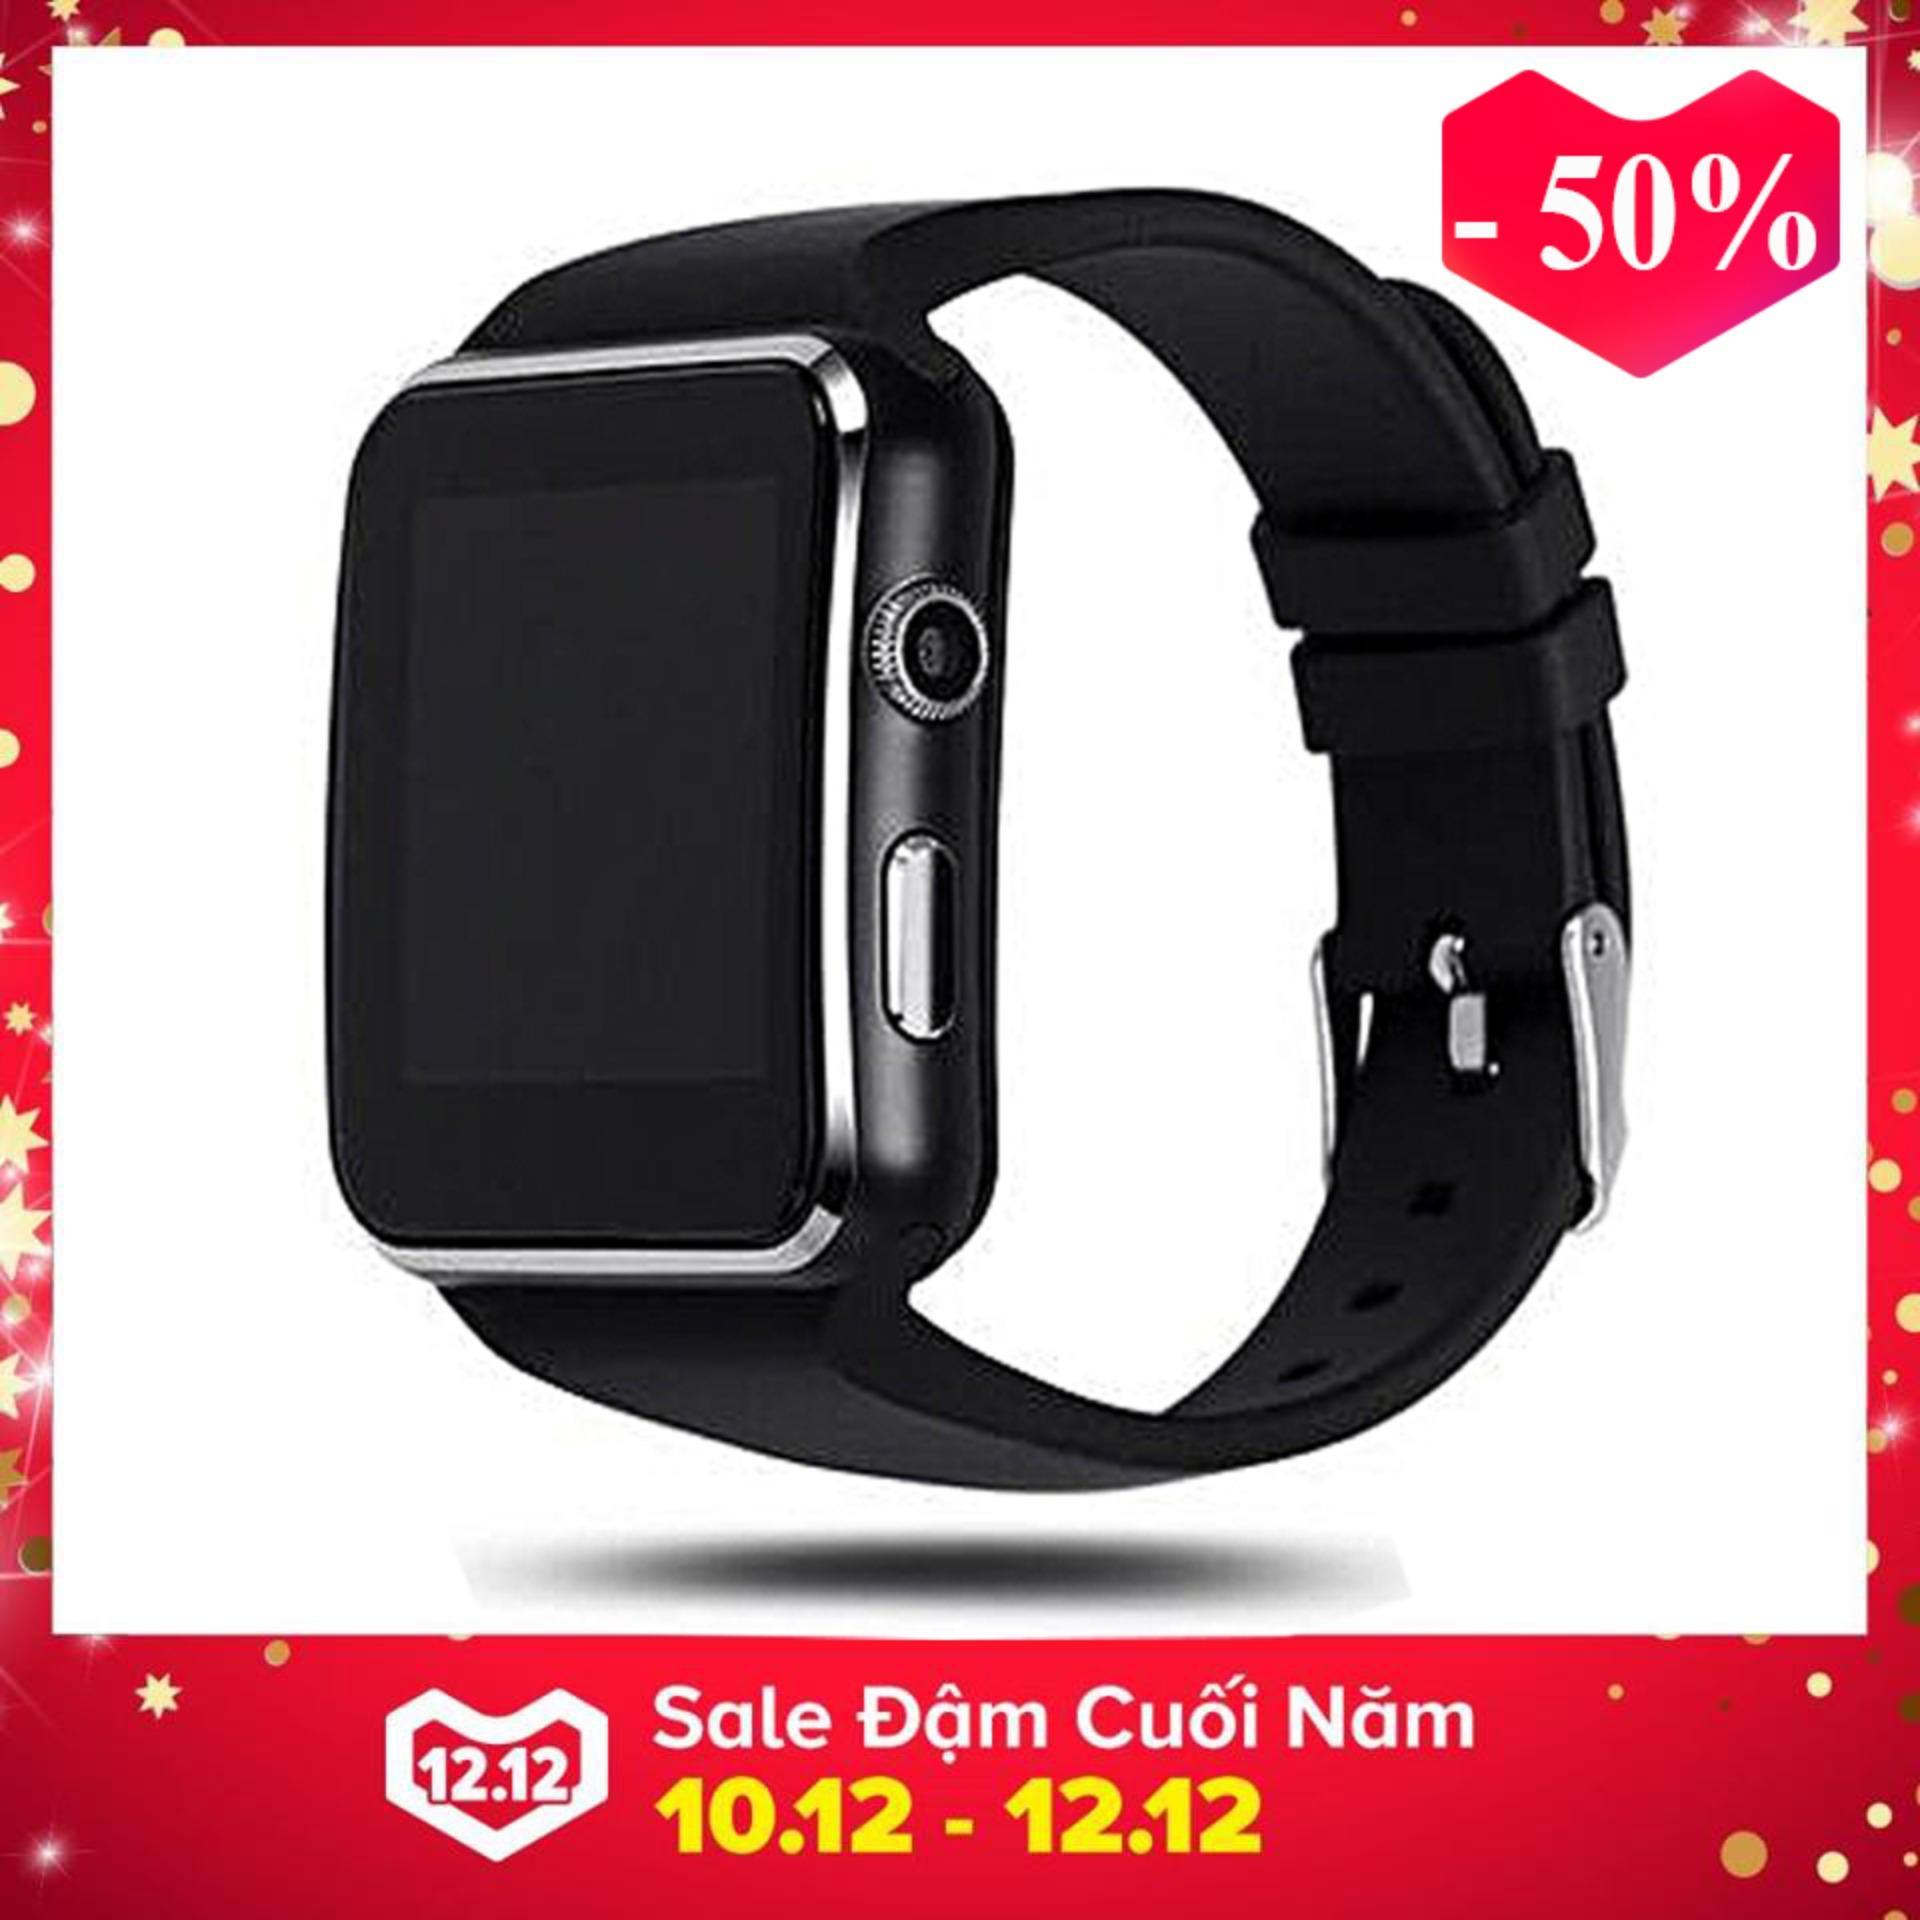 Shop bán Đồng hồ thông minh Smart Watch X6 Màn Hình Cong Cao cấp (Màu Ngẫu  Nhiên) - Đồng hồ thông minh chống nước, Đồng hồ thông minh trẻ em, Đồng hồ